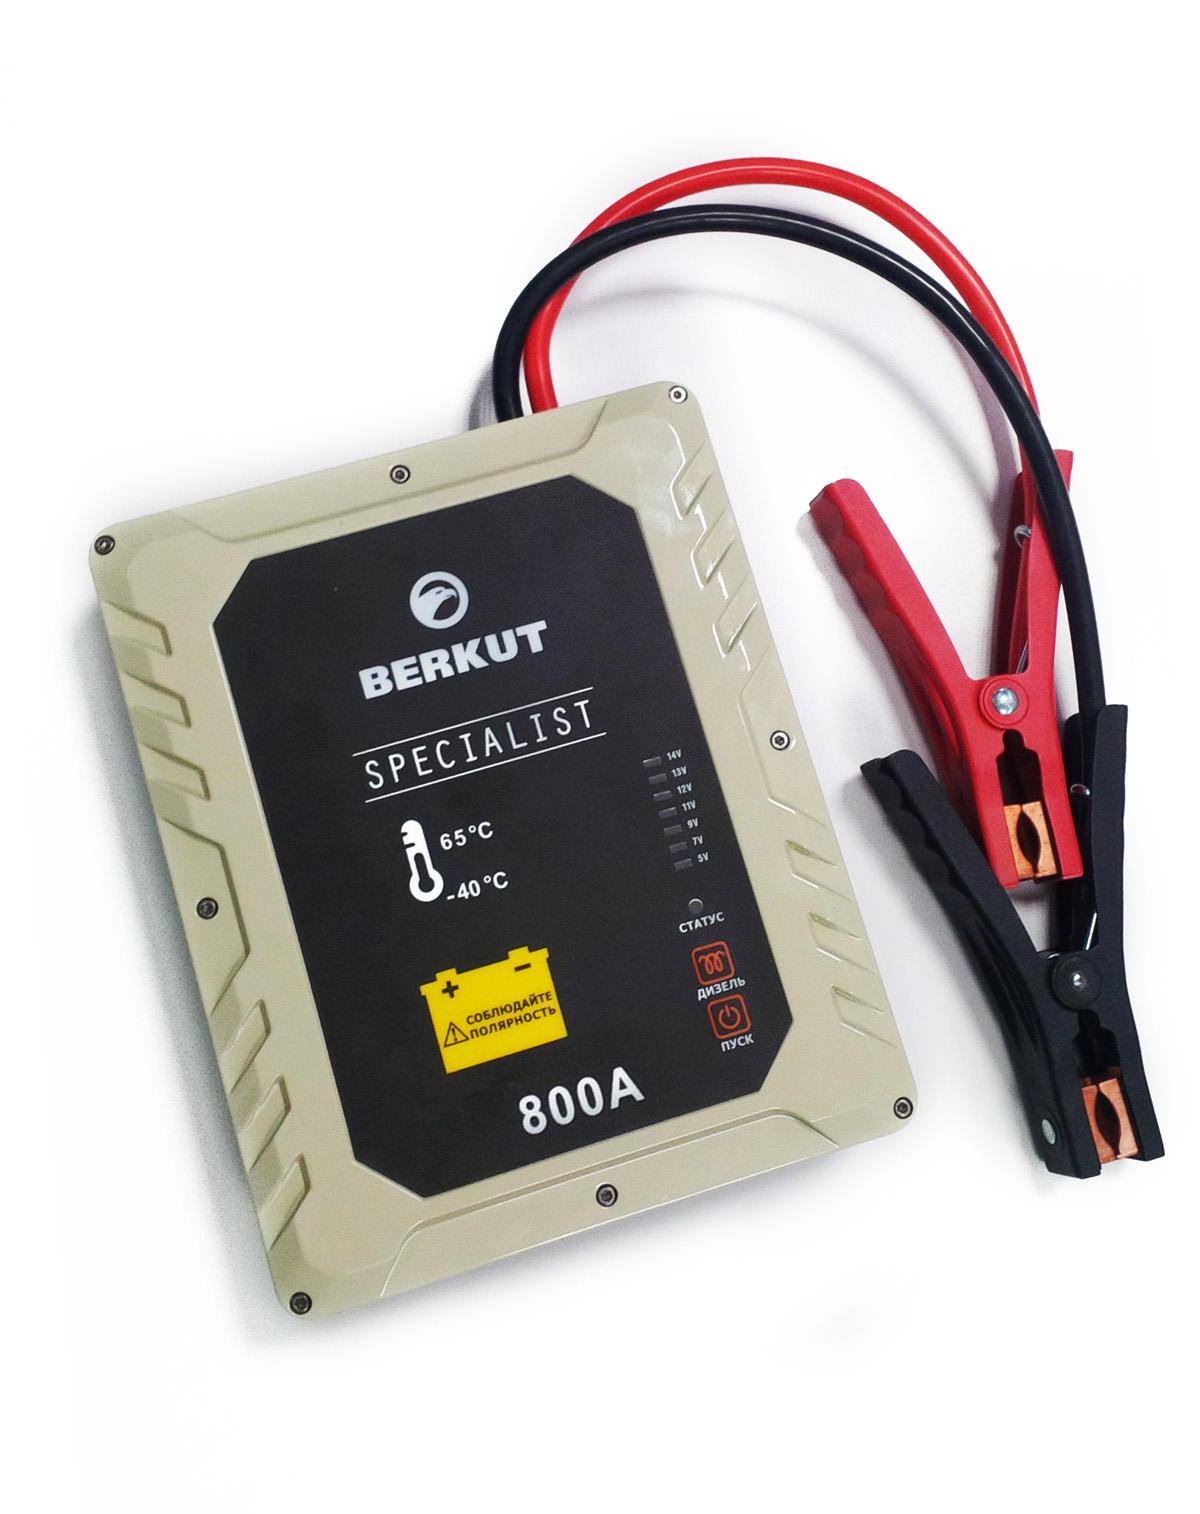 Пуско-зарядное устройство Berkut. JSC800511750Это специальное пусковое автомобильное устройство конденсаторного типа предназначено для аварийного запуска двигателя транспортного средства в случае неисправной АКБ. Главным достоинством устройства, отличающим его от прочих аналогов, является отсутствие аккумуляторов. Вместо них применены электроконденсаторы сверхбольшой емкости (ионисторы). Применение конденсаторного накопителя заряда позволяет гарантированно запустить двигатель автомобиля как с основательно разряженной АКБ, причем даже в том случае, когда ее остаточная емкость составляет всего 5%, так и без аккумулятора с предварительной зарядкой от АКБ или розетки прикуривателя другого автомобиля, а также от зарядного устройства с разъемом микро USB. Пусковое устройство рекомендовано для любых типов транспортных средств с бензиновым двигателем до 6000 см.куб. и дизельным двигателем до 4000 см.куб и напряжением бортовой сети 12В. Технические характеристики:- Напряжение на клеммах: 12 В- Пусковой ток: 800 A- Тип конденсаторов: пусковые, импульсные- Время зарядки от АКБ: до 5 мин- Время зарядки от прикуривателя 12V: 15-20 мин- Время зарядки от Мини USB 5V: 2-3 часа- Количество попыток запуска при полной зарядке: не более одного пуска- Диапазон температур для запуска и хранения: -40 °C +65 °C- Вход Micro USB: 5В (2000 мА)- Вход для зарядки: 12В (10 А) Функциональные особенности:- Не требует подзарядки во время хранения- Готов к использованию вне зависимости от продолжительности хранения- Режим для запуска двигателя автомобиля без аккумулятора- Специальный режим запуска дизеля с предварительным прогревом свечей- Встроенный вольтметр для определения напряжение аккумулятора автомобиля- Отсутствие падение емкости заряда с понижением температур- Нет снижения емкости заряда связанные со старением устройства- Защита от переполюсовки (неправильной полярности)- Защита от короткого замыкания- Цикл заряд/разряд до 10 000 раз- Срок годности - более 10 лет